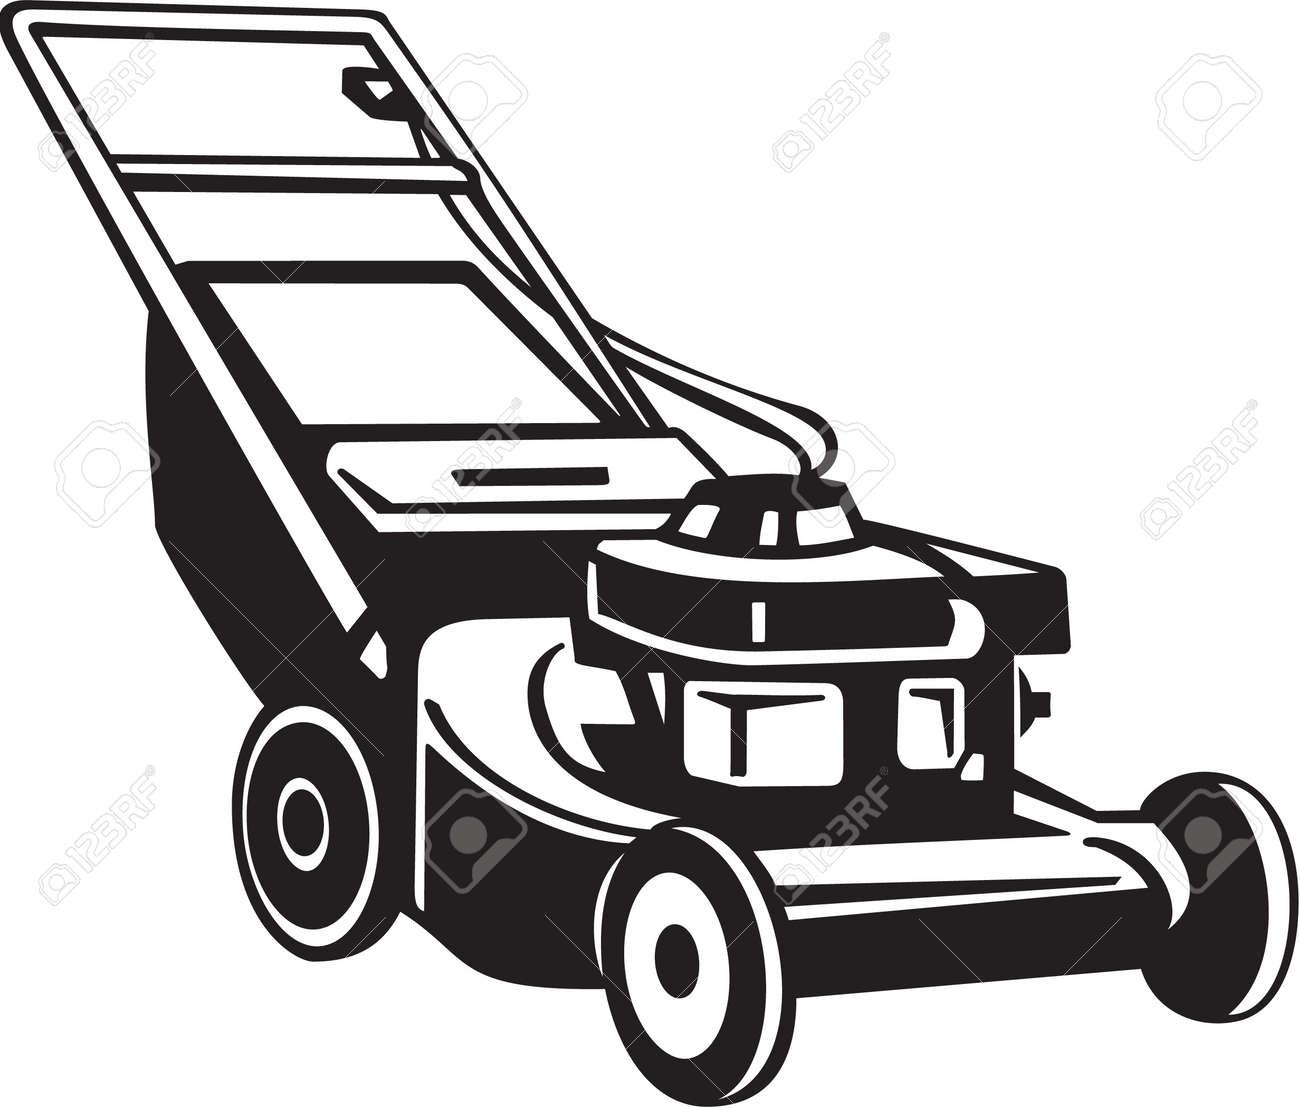 lawn mower : Power Lawnmower